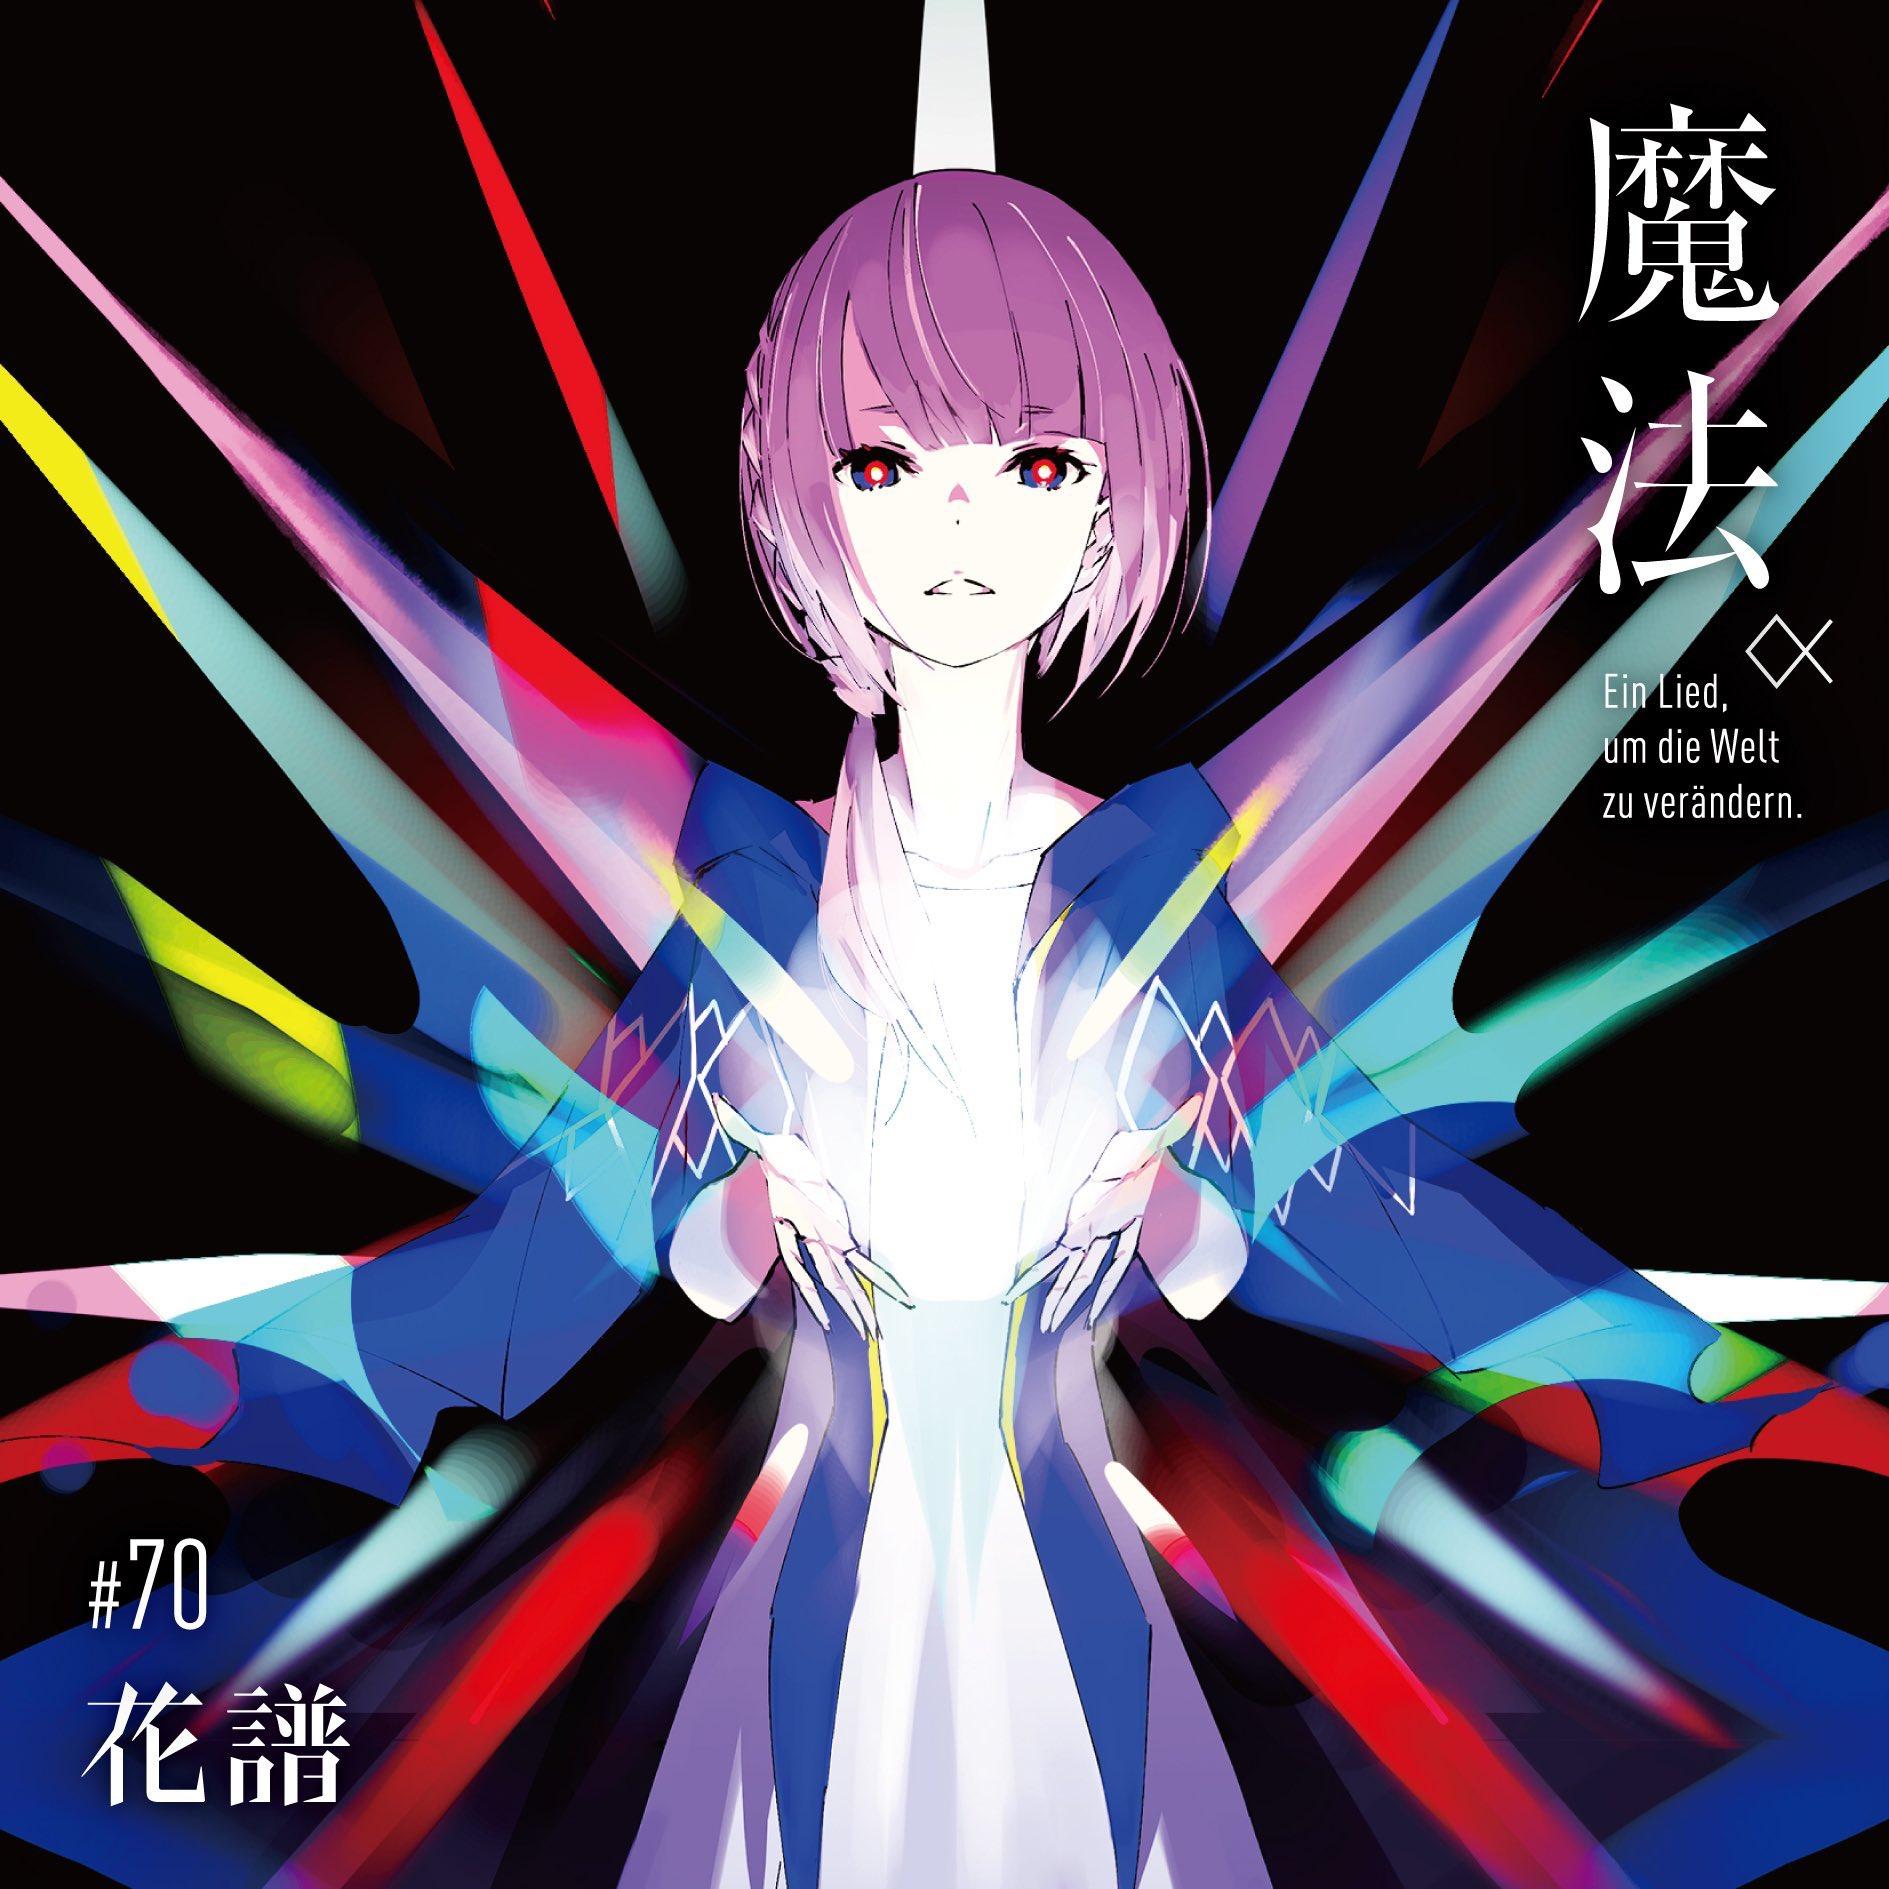 花譜 - 魔法 [2020.11.25+MP3+RAR]